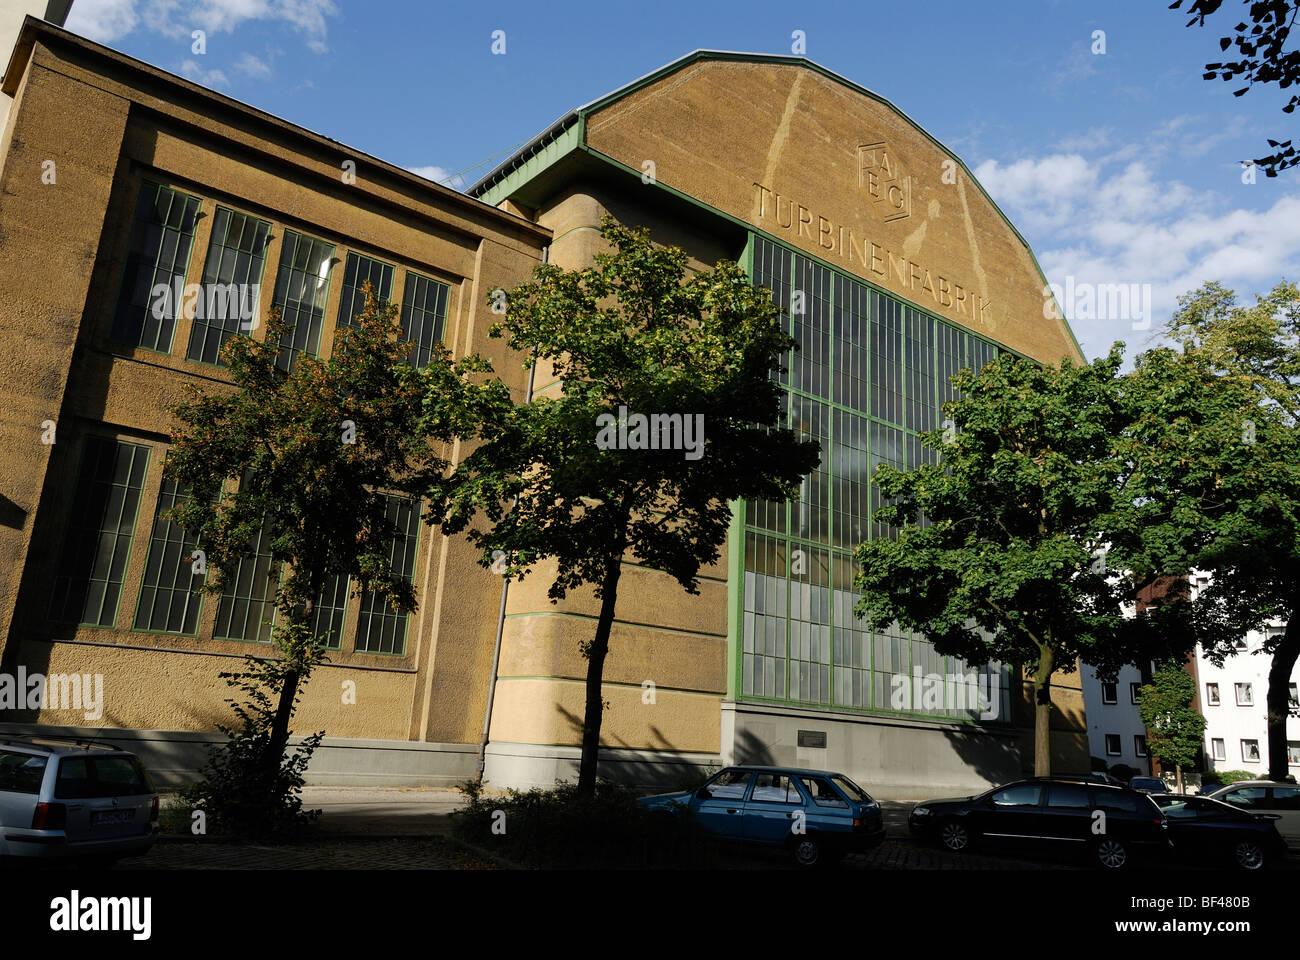 Berlin. L'Allemagne. L'usine de turbine AEG par Peter Behrens. Photo Stock